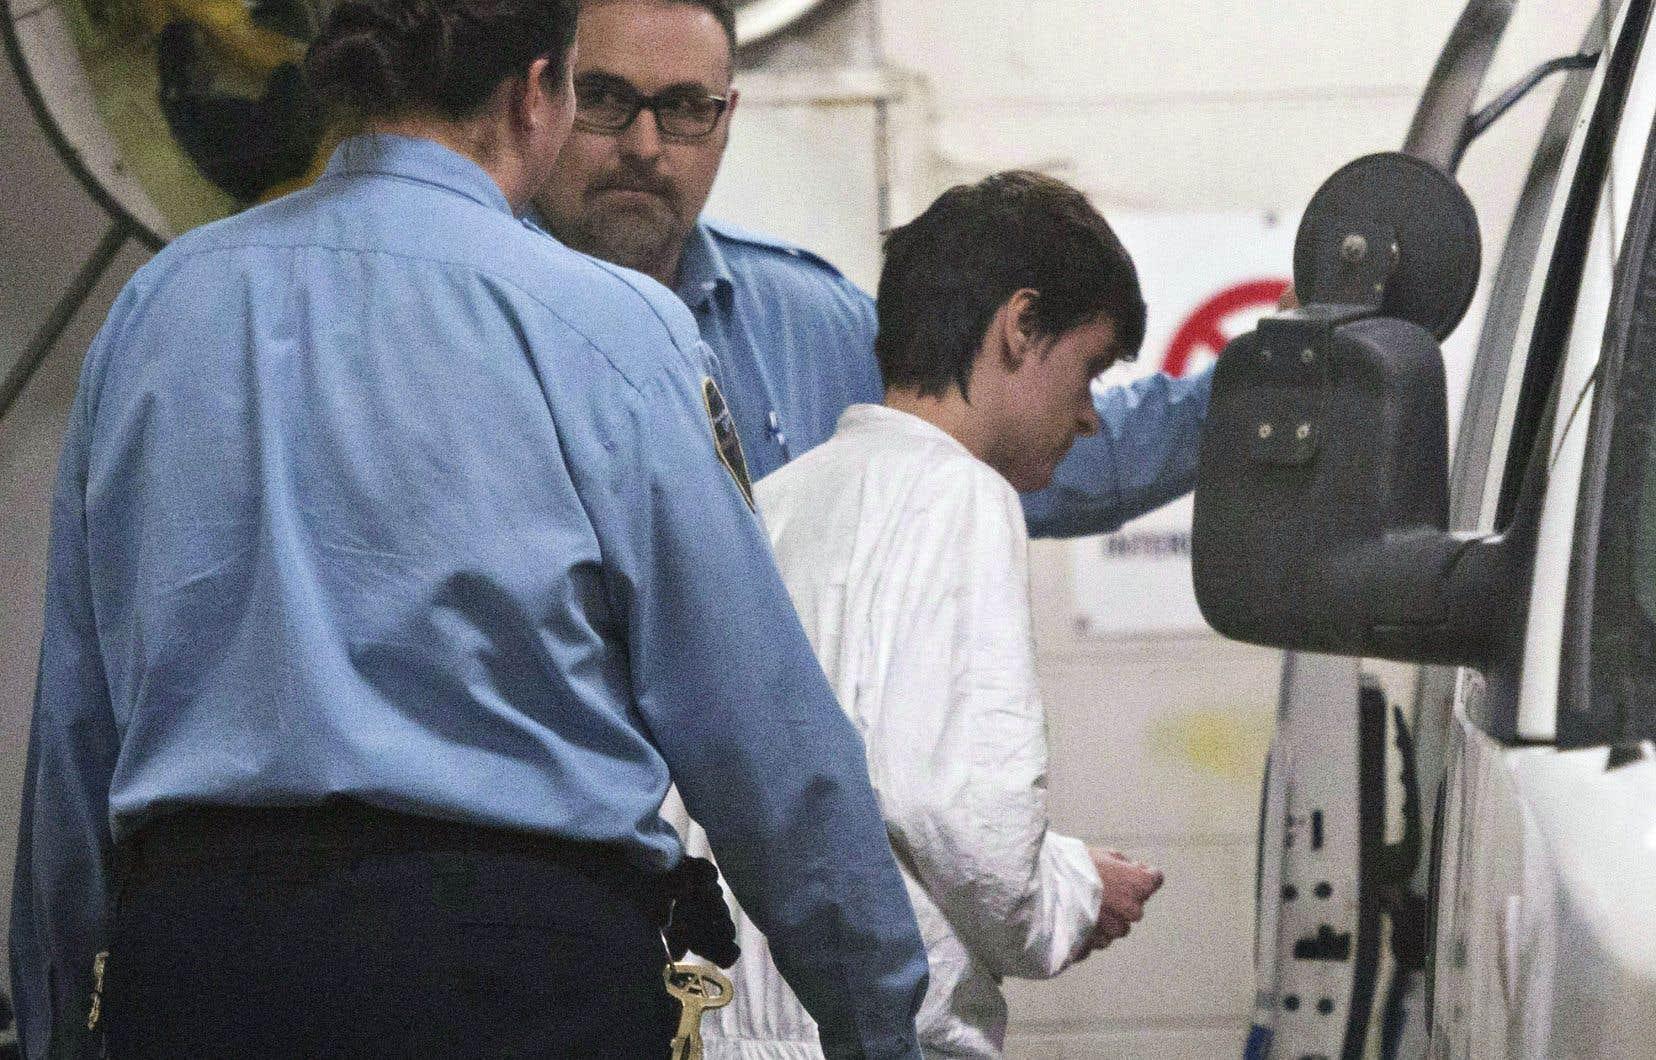 Alexandre Bissonnette, en plaidant coupable aux accusations pesant contre lui, s'expose à une peine de prison de 150 ans.